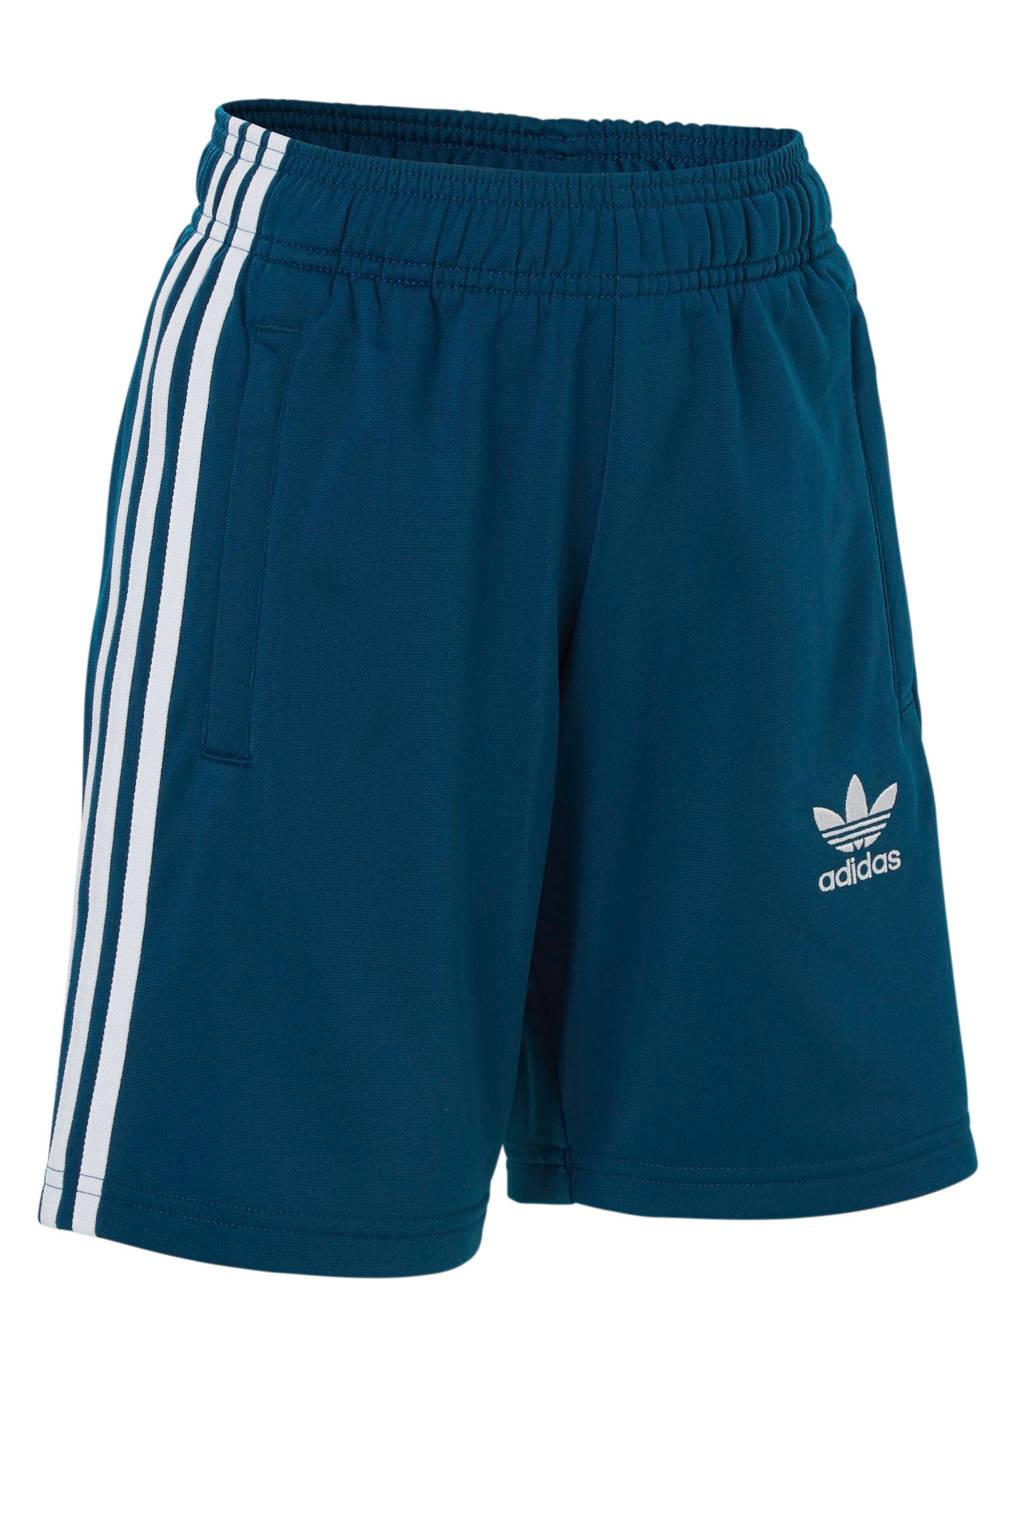 adidas originals   short, Blauw/wit